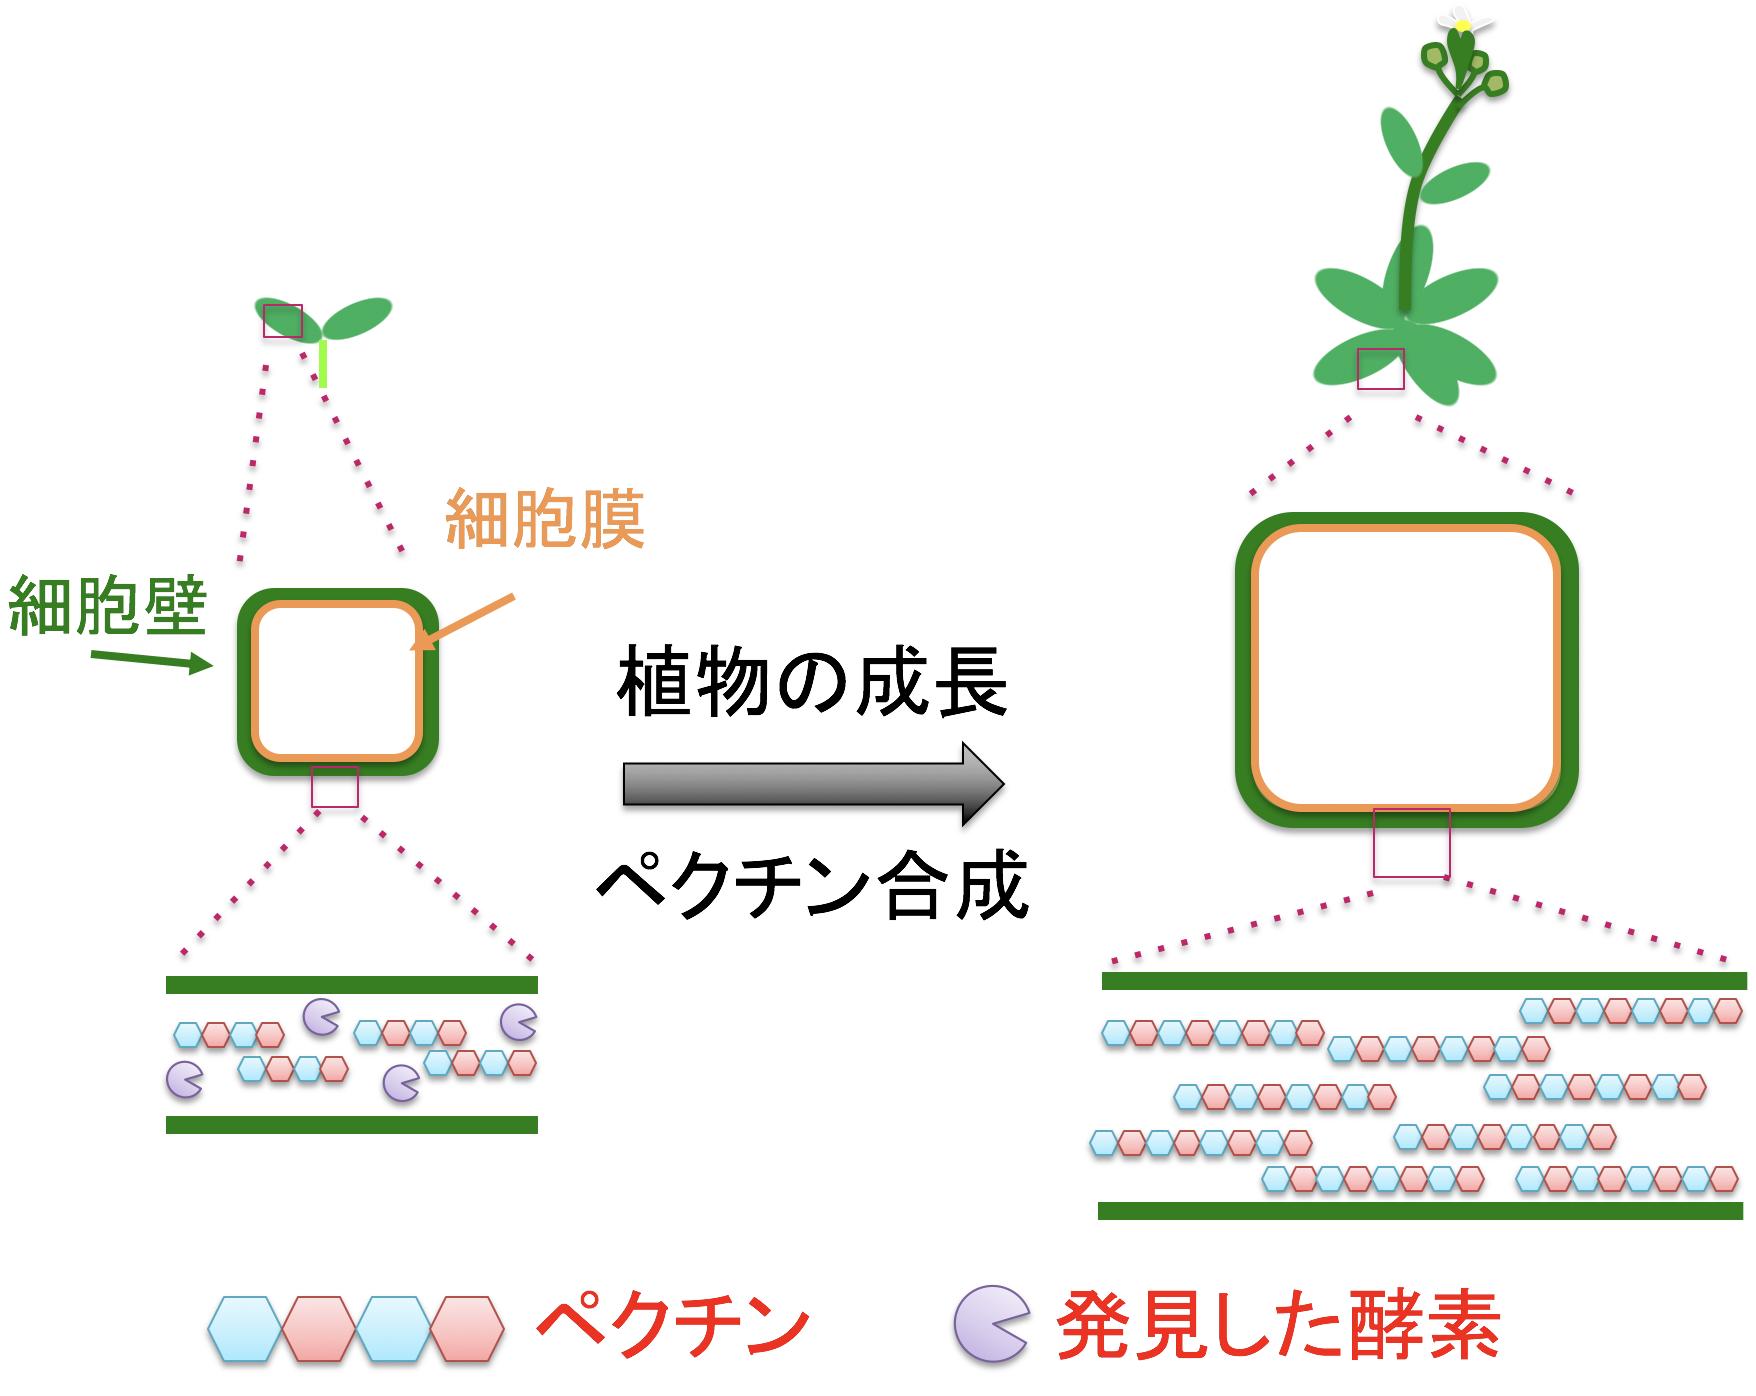 植物の陸上進出の鍵物質がペクチンであった ~ 植物成長に伴う細胞壁ペクチン合成の仕組みを解明 ~ --立命館大学--